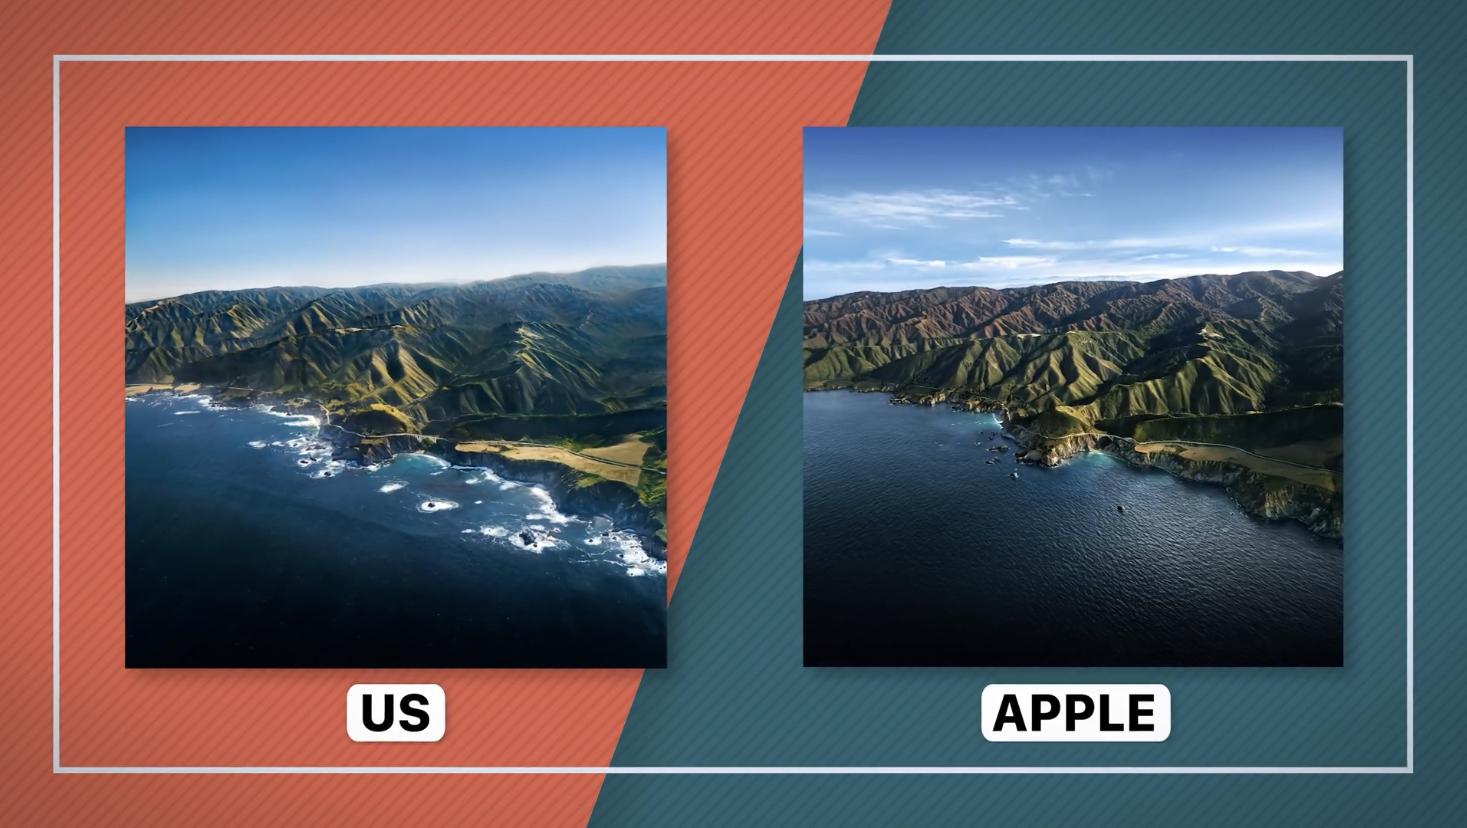 Три друга воссоздали фотографию места с обоев macOS Big Sur